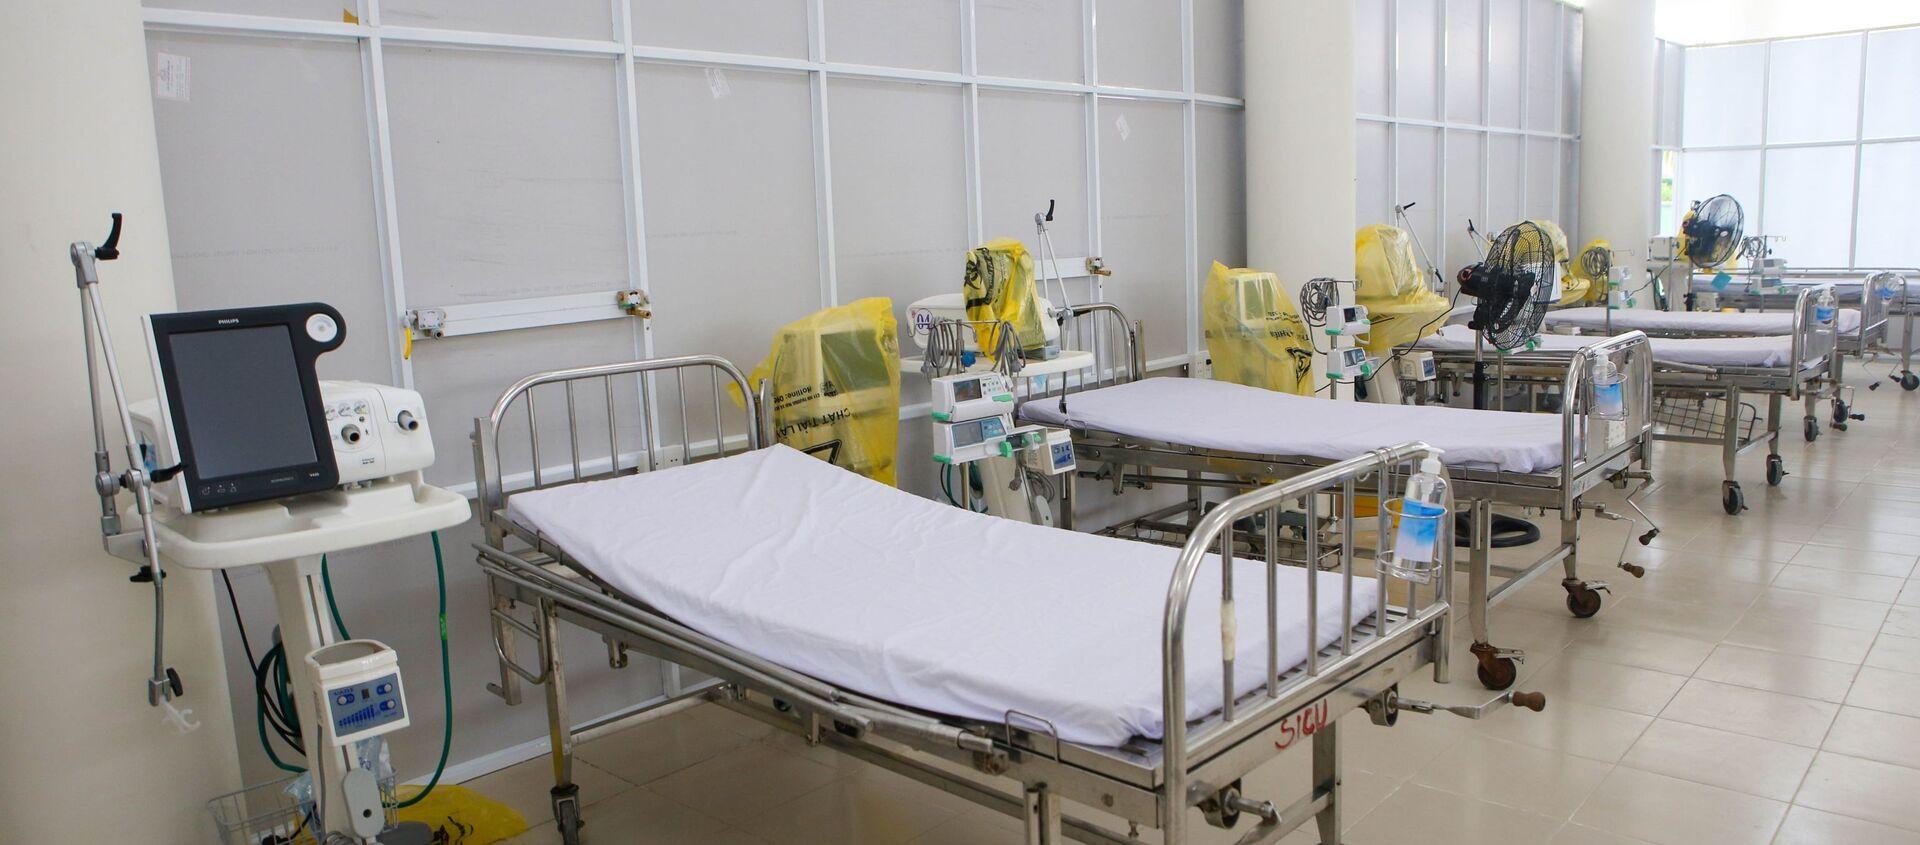 Khu Hồi sức cấp cứu tại bệnh viện dã chiến với các trang bị máy mọc hiện đại - Sputnik Việt Nam, 1920, 17.08.2021